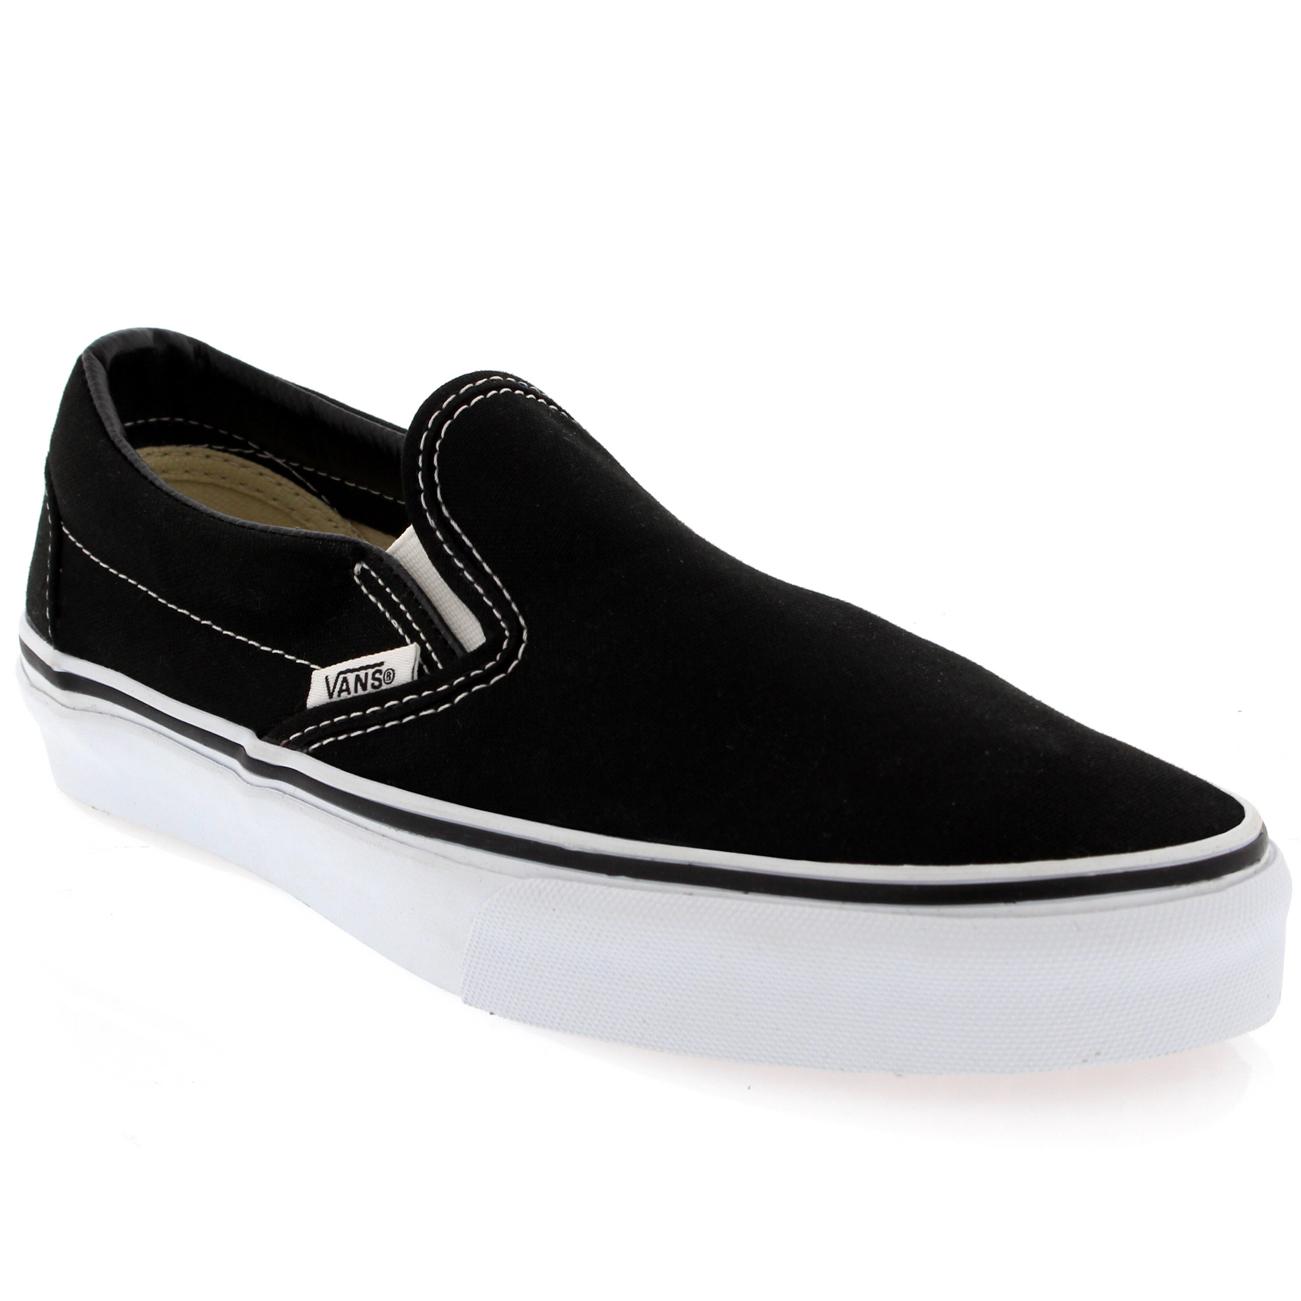 Vans Classic Slip